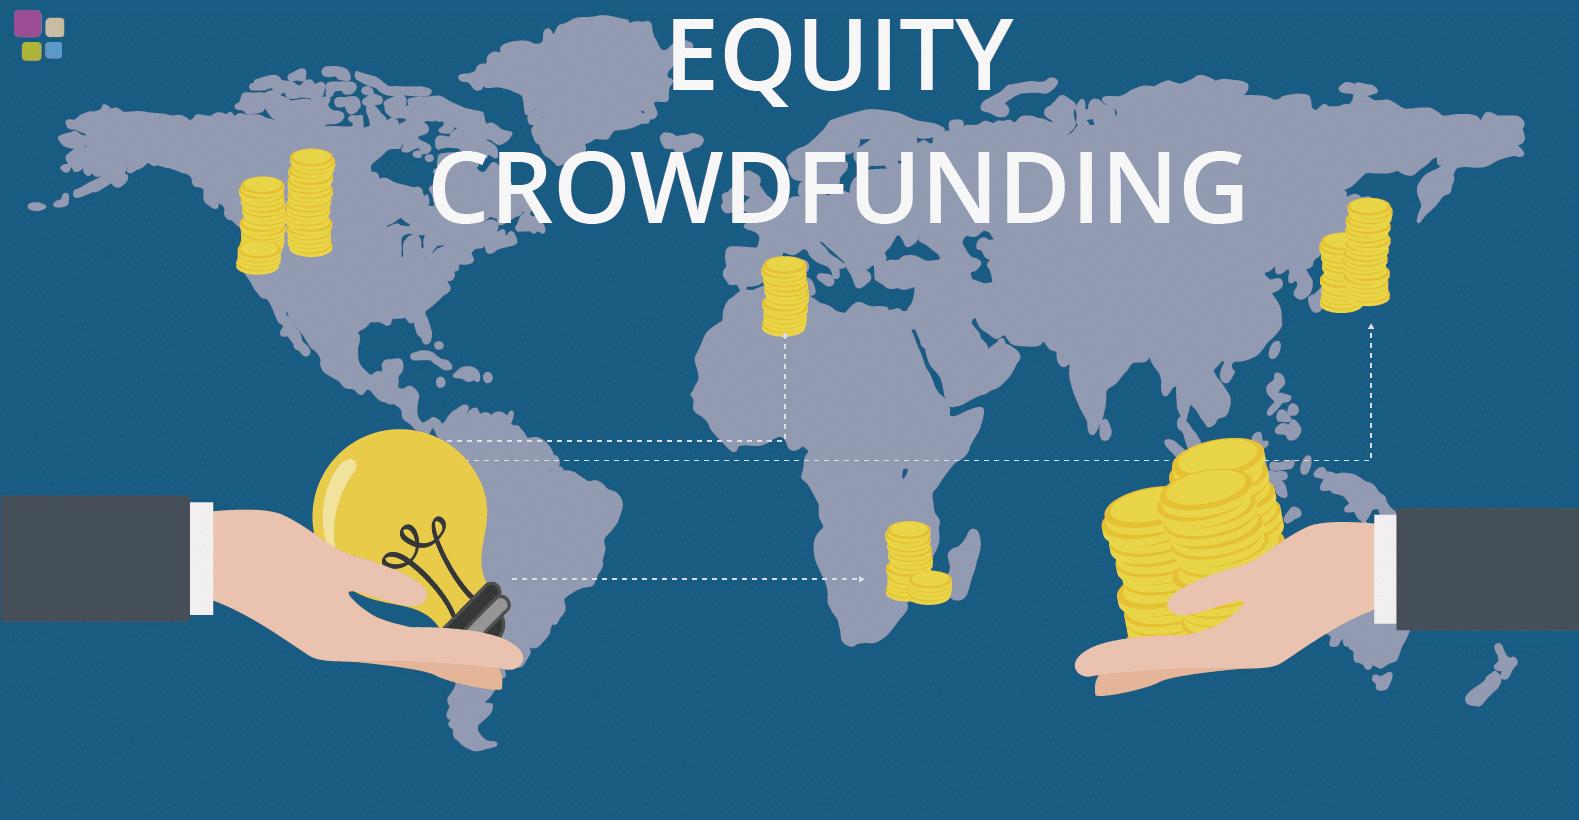 Manfaat dan Kekurangan dari Equity Crowdfunding bagi Startups